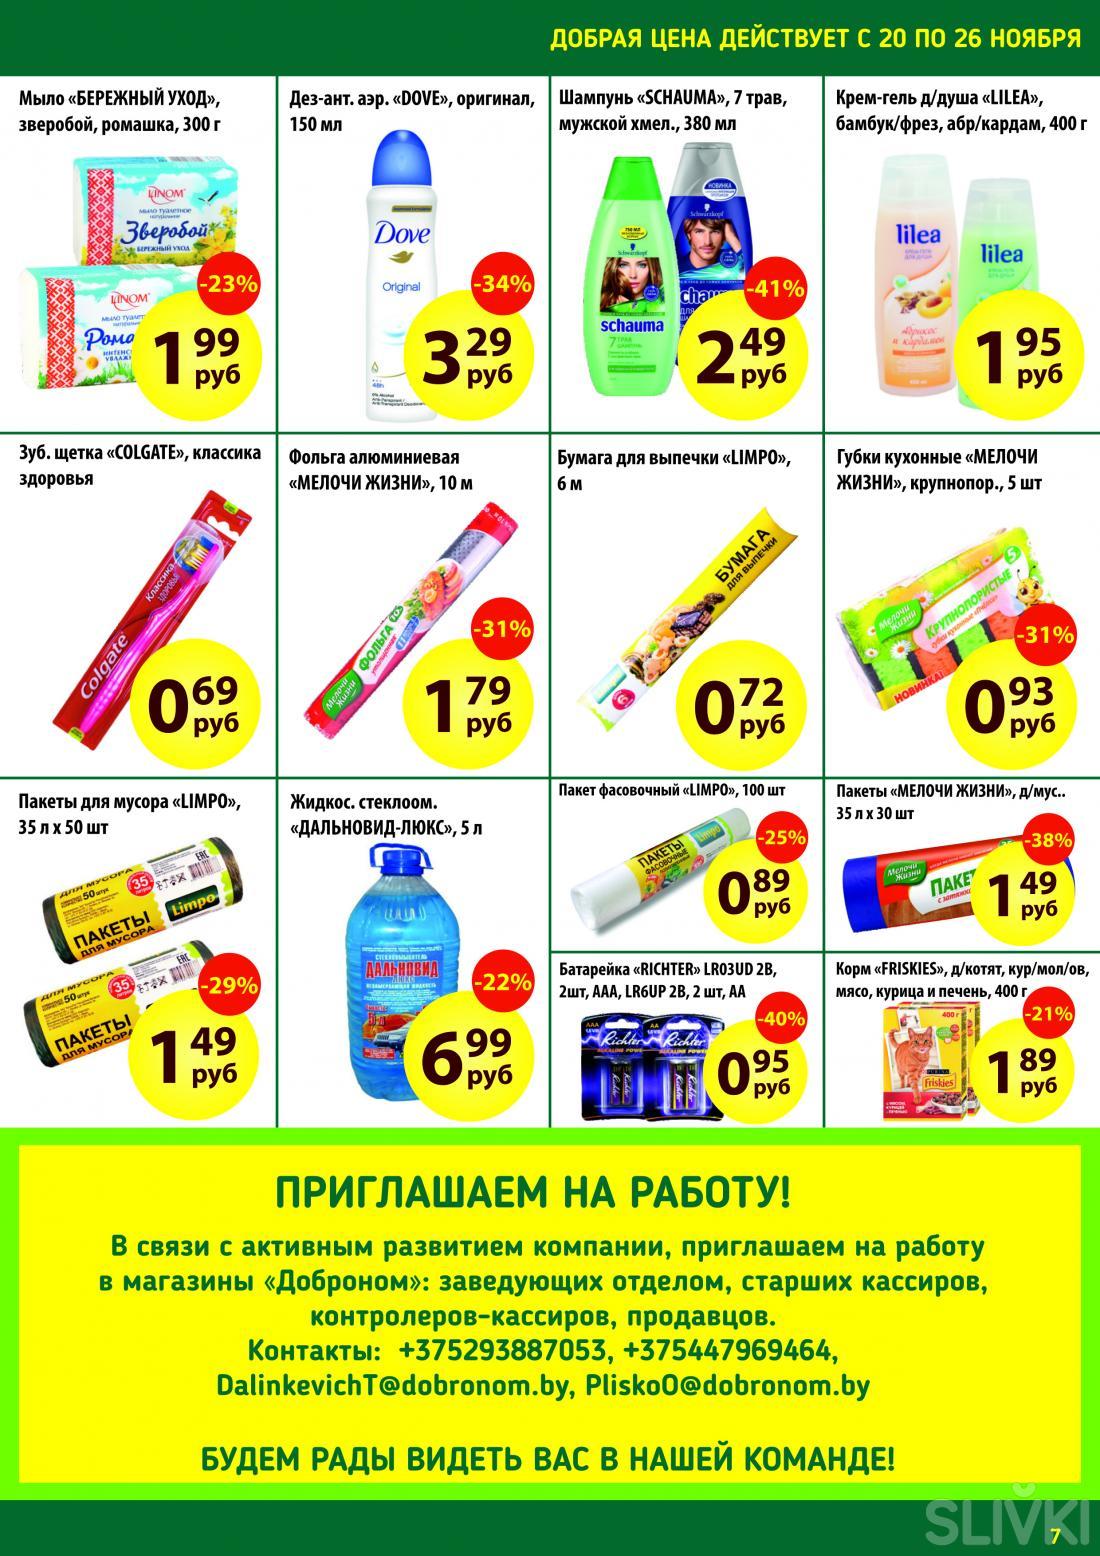 """Скидки и акции в магазинах """"Доброном""""!"""